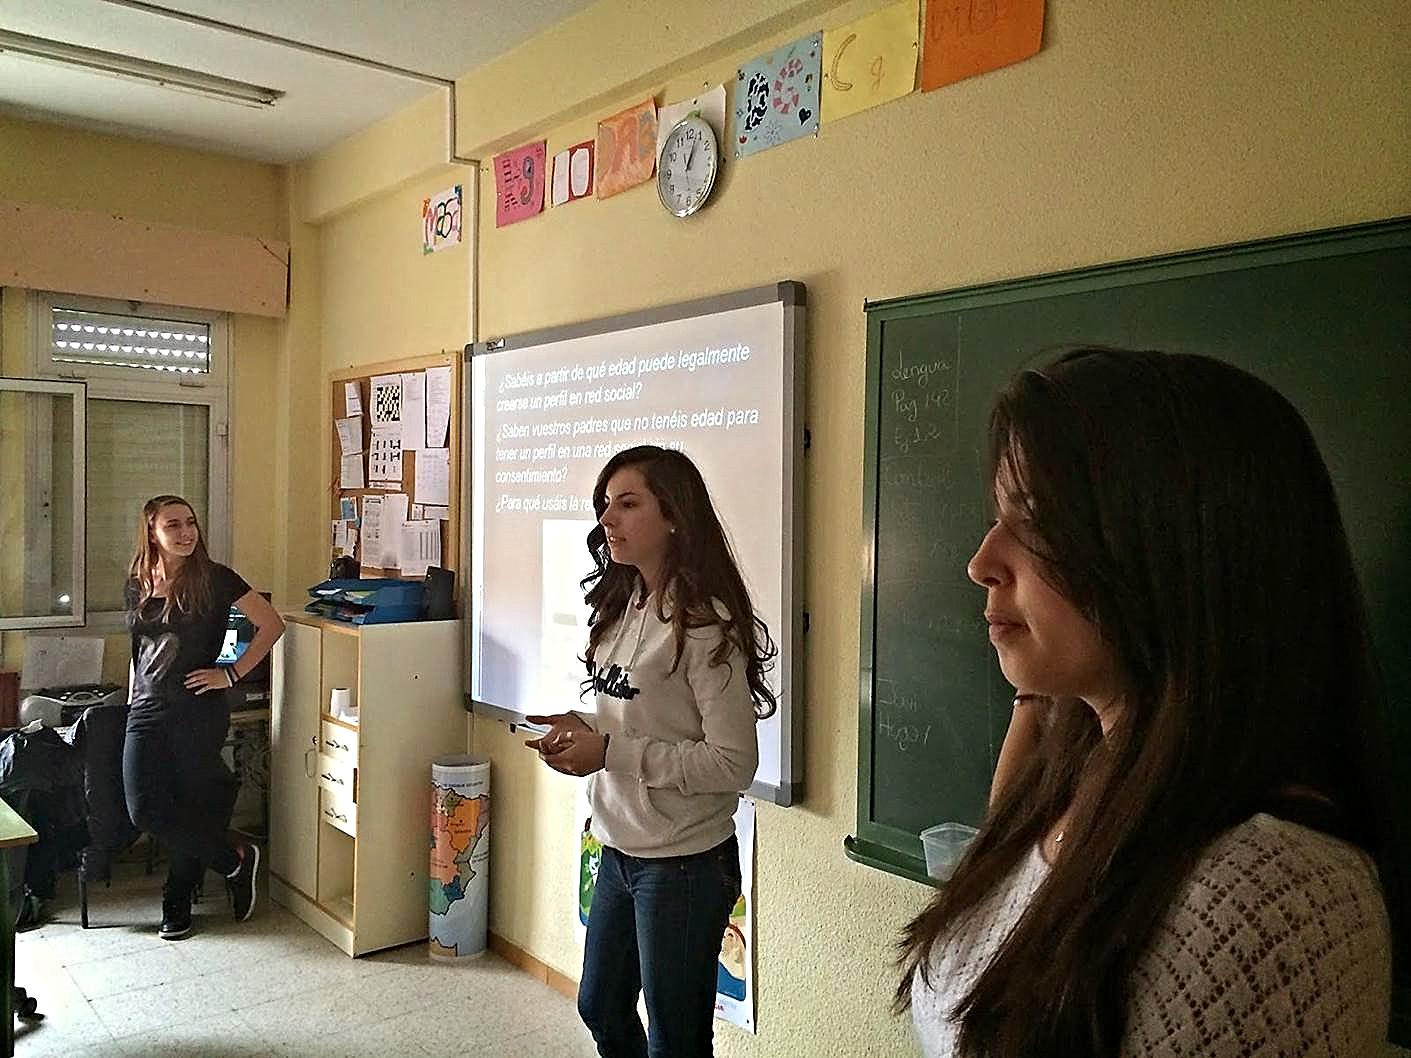 Alumnas ayudantes TIC, del IES 'Los Rosales', en una intervención con un grupo de estudiantes de educación primaria